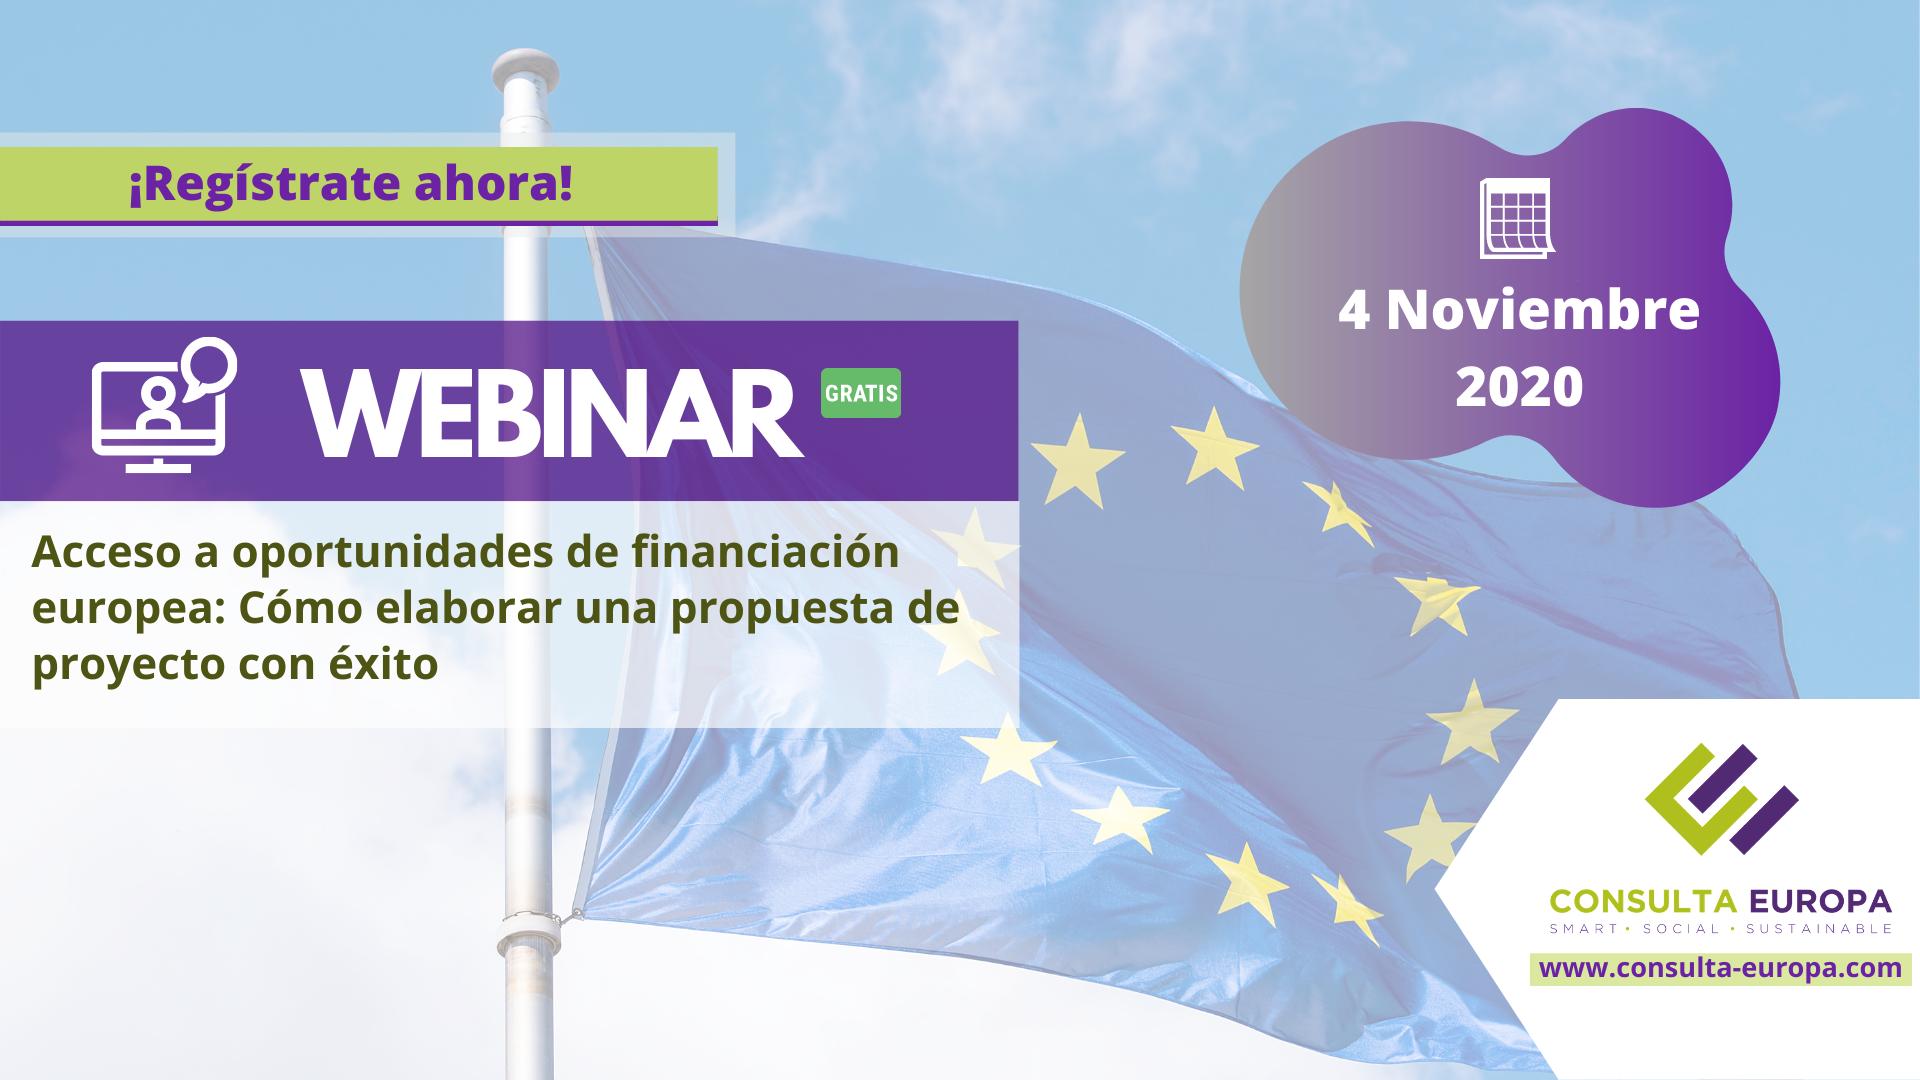 Webinar gratuito 4 noviembre 2020 – Acceso a oportunidades de financiación europeas: Cómo elaborar una propuesta de proyecto con éxito